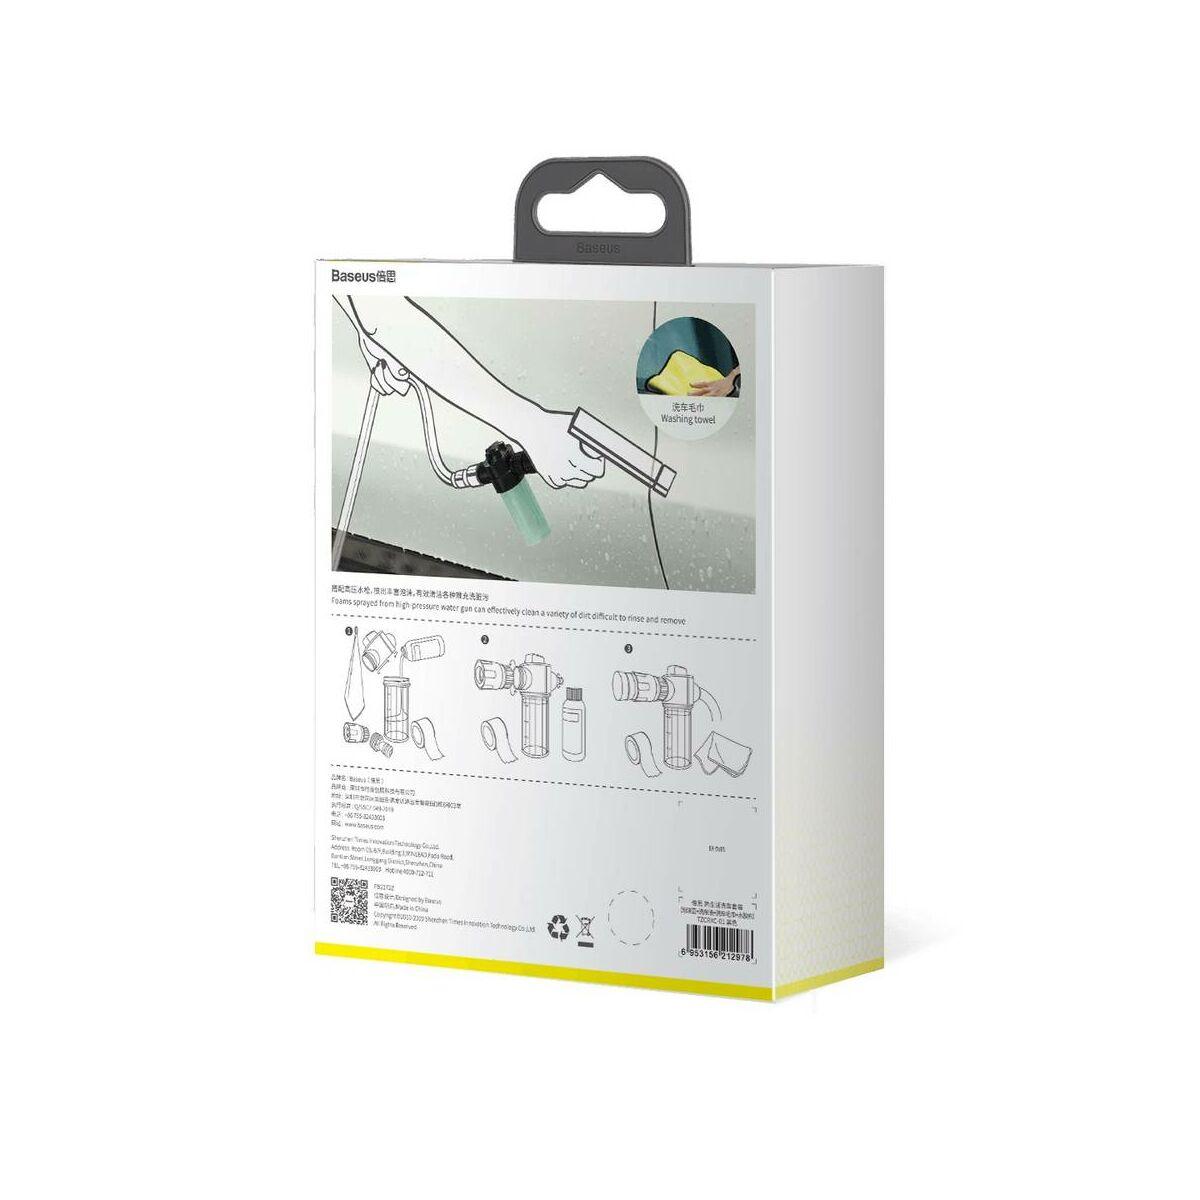 Baseus autós kiegészítő, Simple Life autó mosó szett (habosító edény, Sampon, törlő kendő, ragasztószalag), fekete (TZCRXC-01)